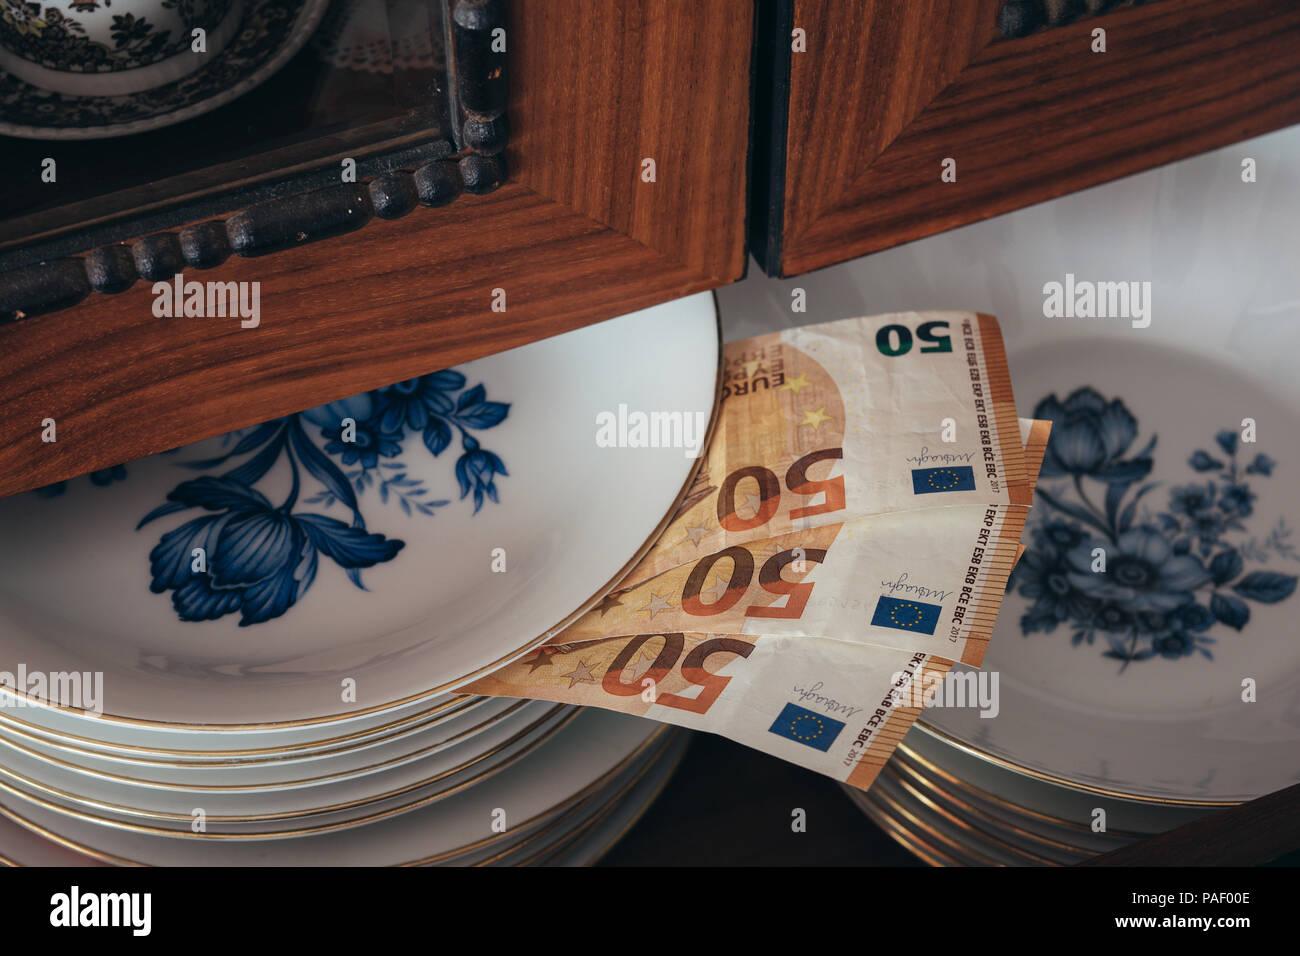 Geld sparen. Geld gespeichert zwischen den Platten. Ausblenden von Geld. Stockbild